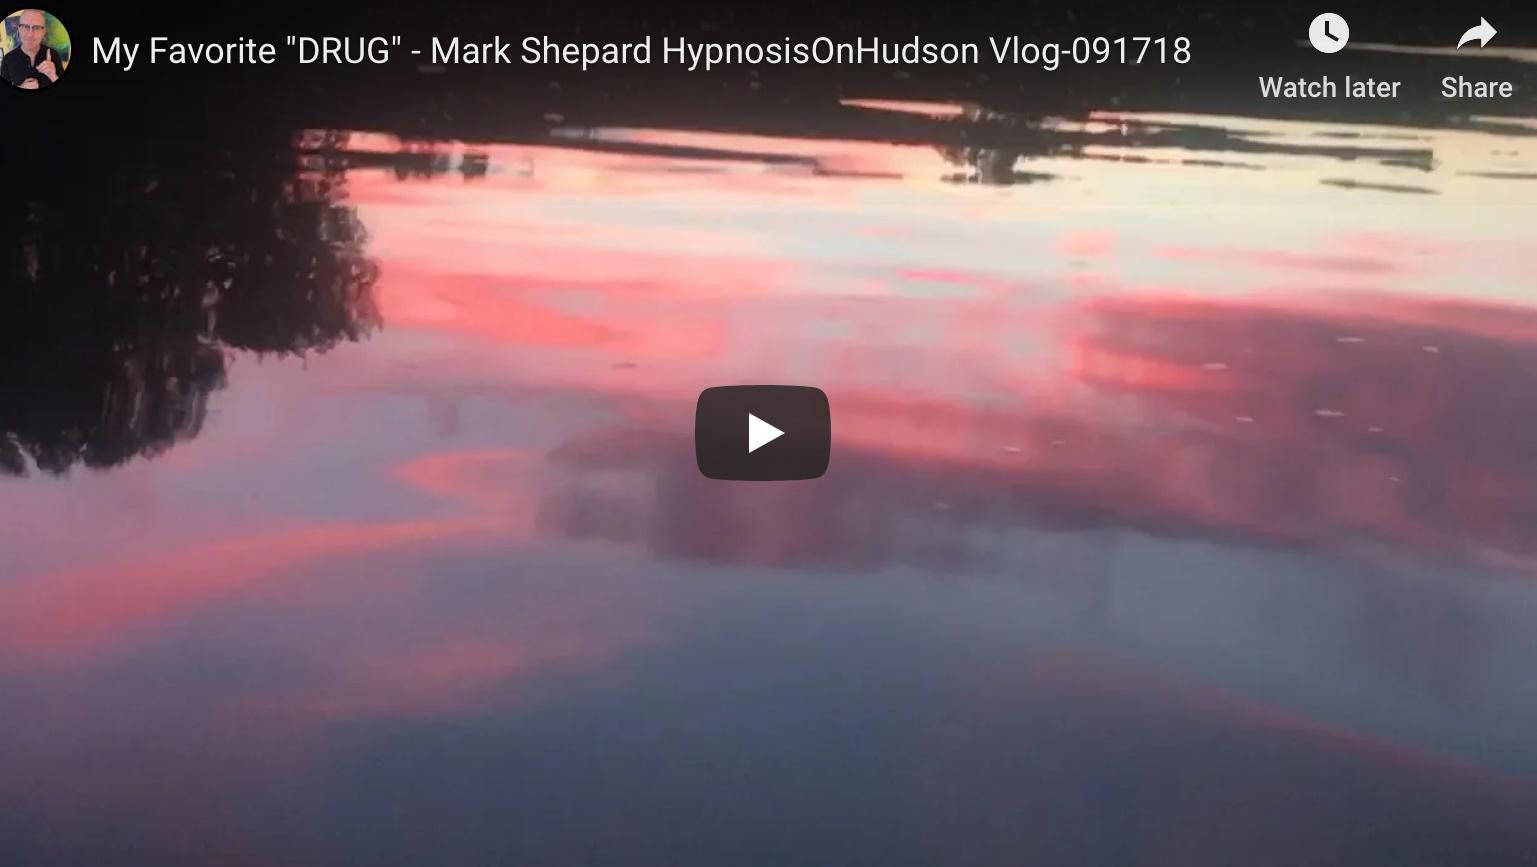 """My Favorite """"DRUG"""" – HypnosisOnHudson Vlog-091718"""